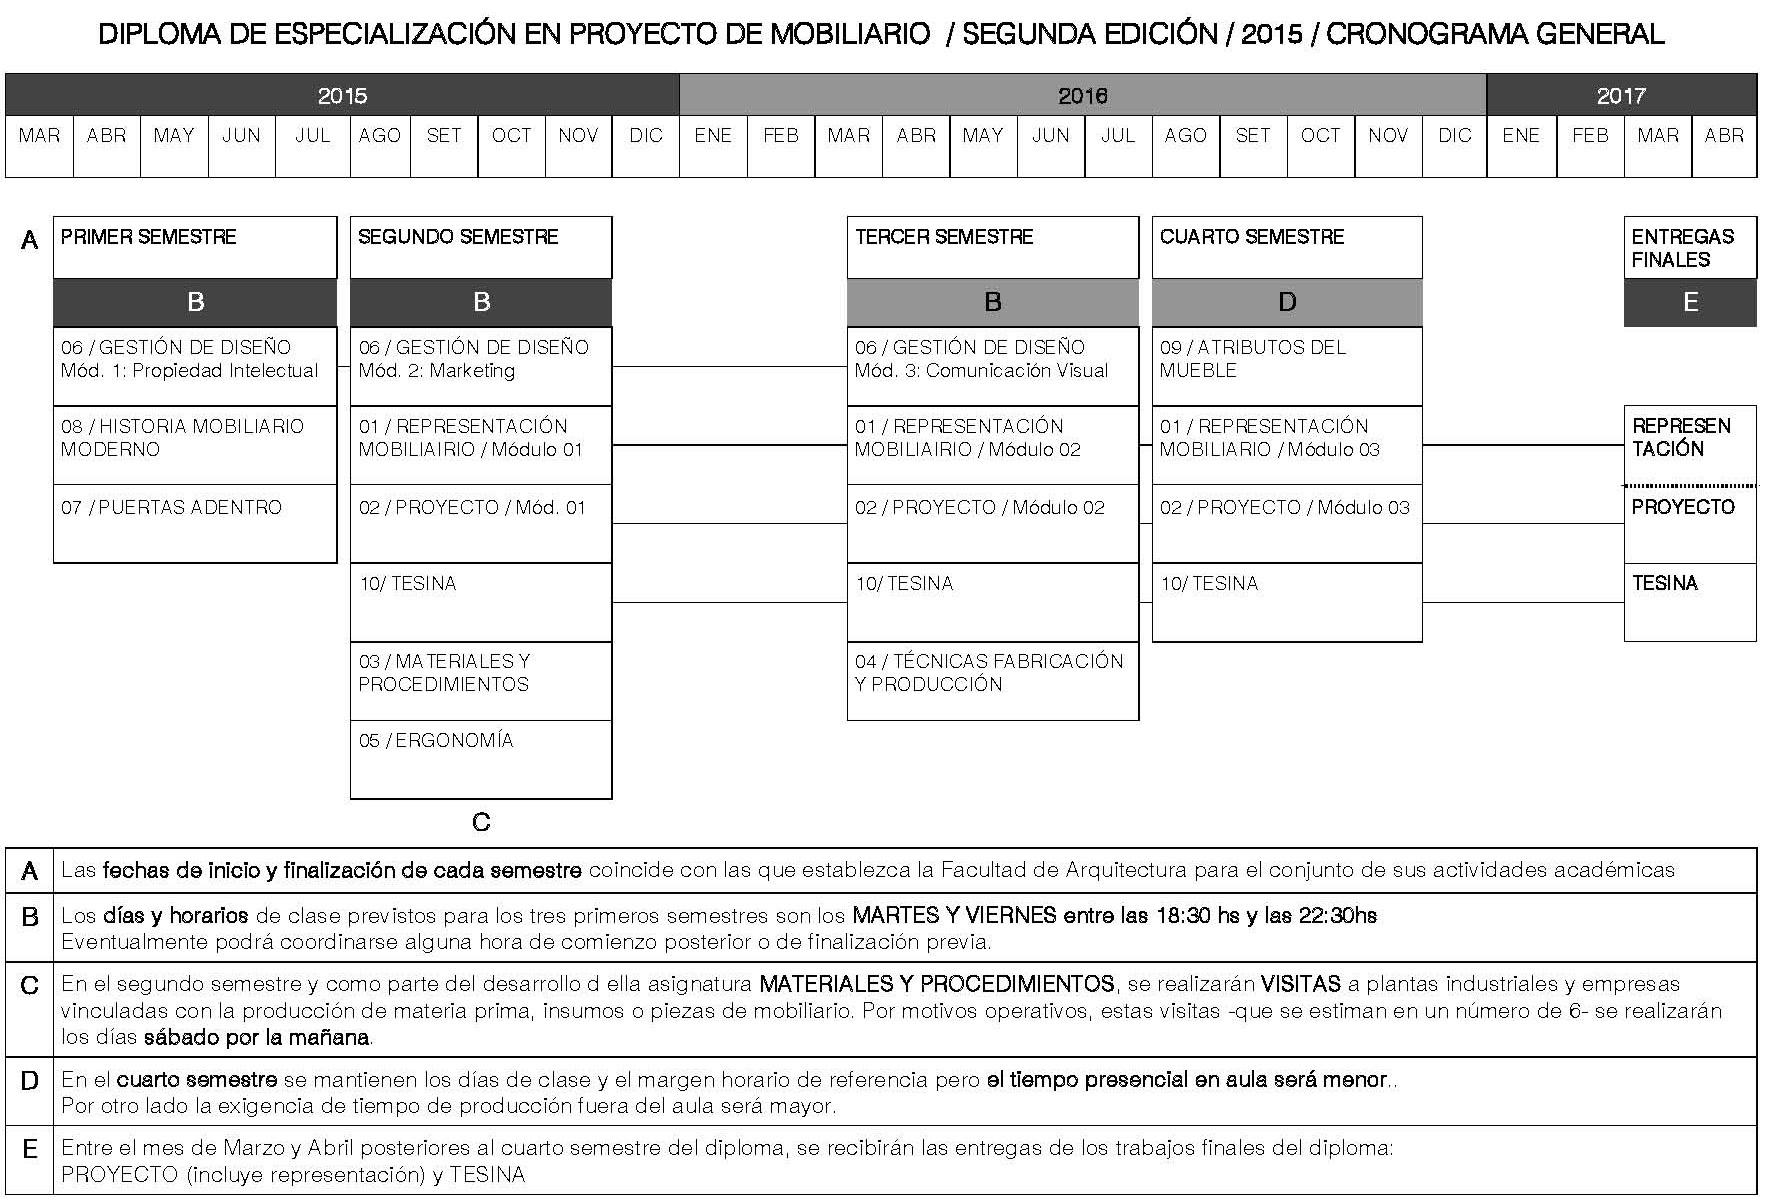 Crono general Dip-Mobiliario 2015-2016_12082015